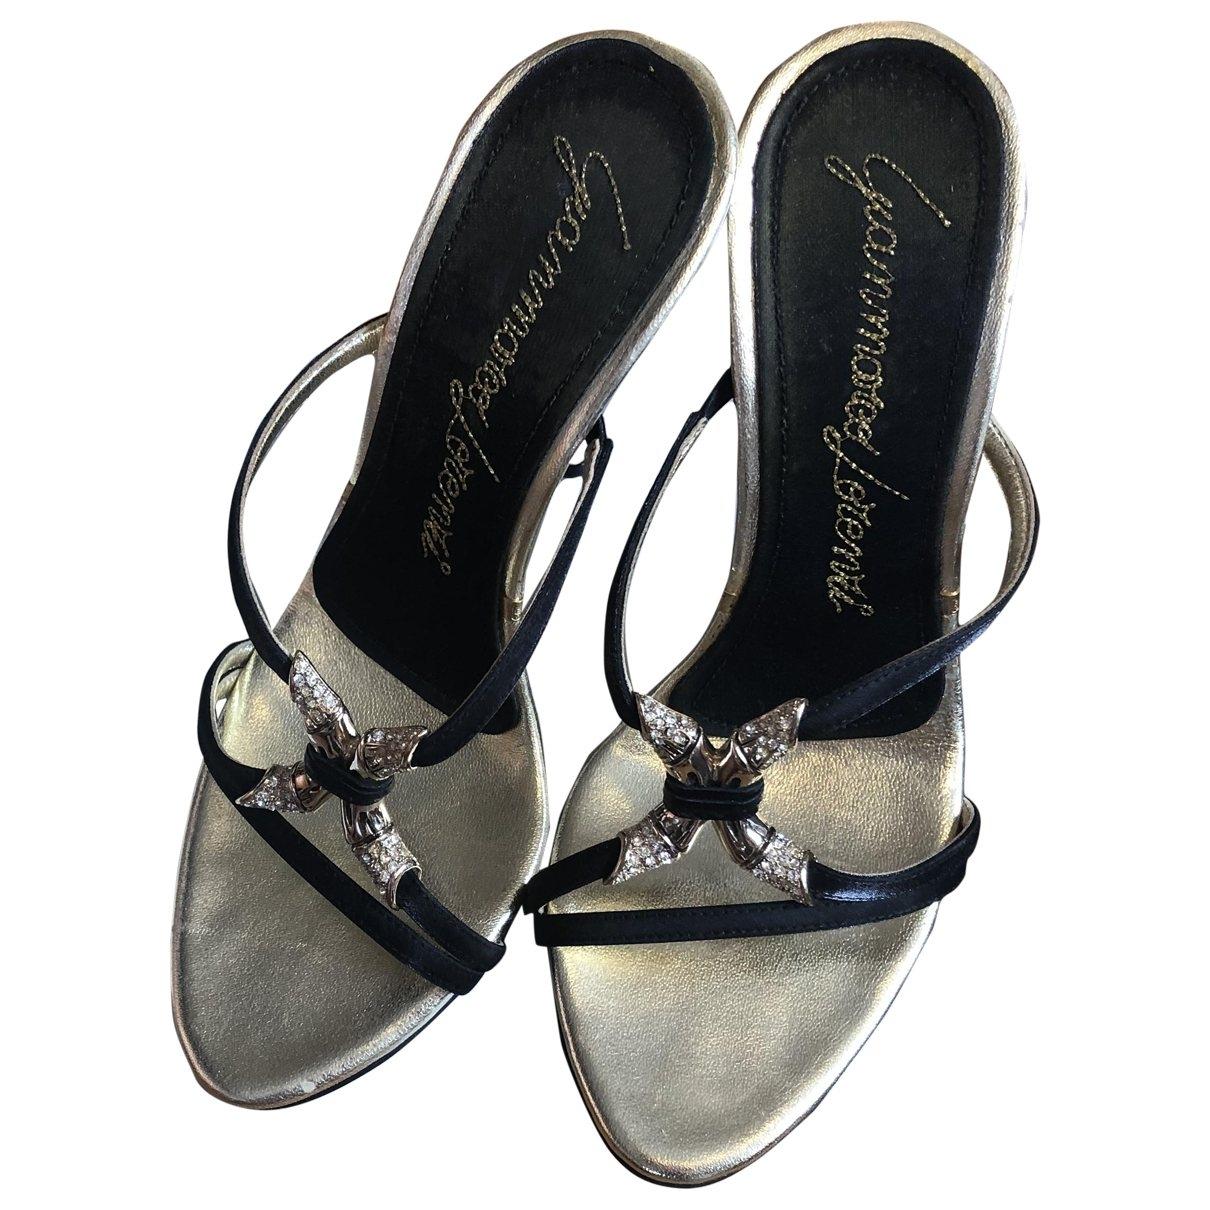 Gianmarco Lorenzi \N Gold Leather Sandals for Women 36 EU